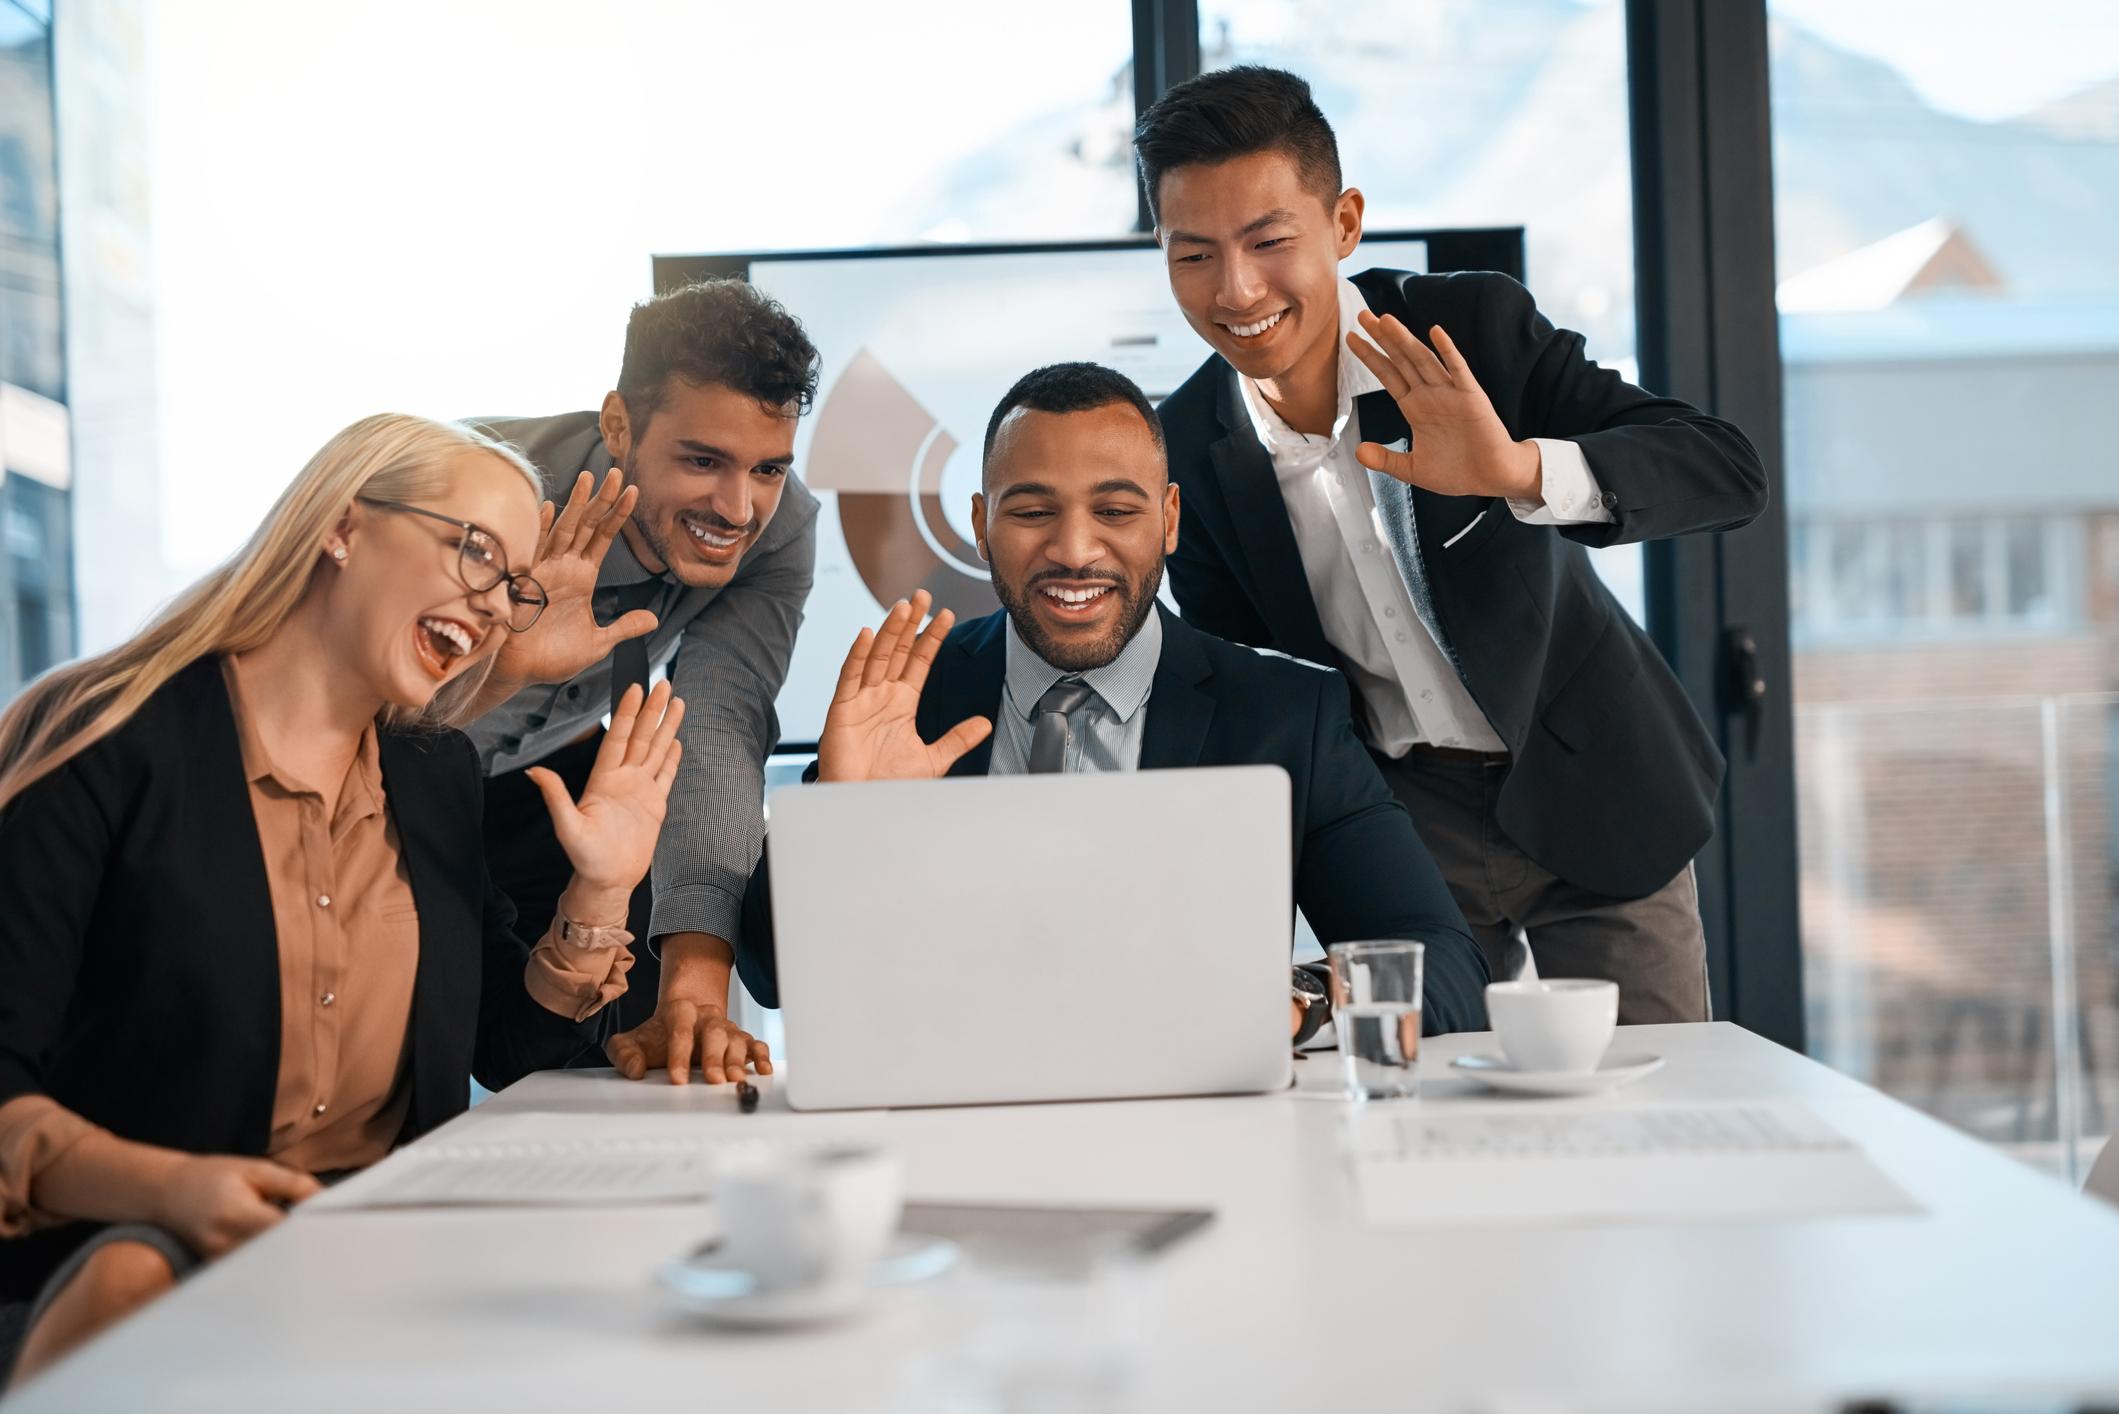 Ferramentas para reuniões online: descubra qual a melhor para seu perfil de uso